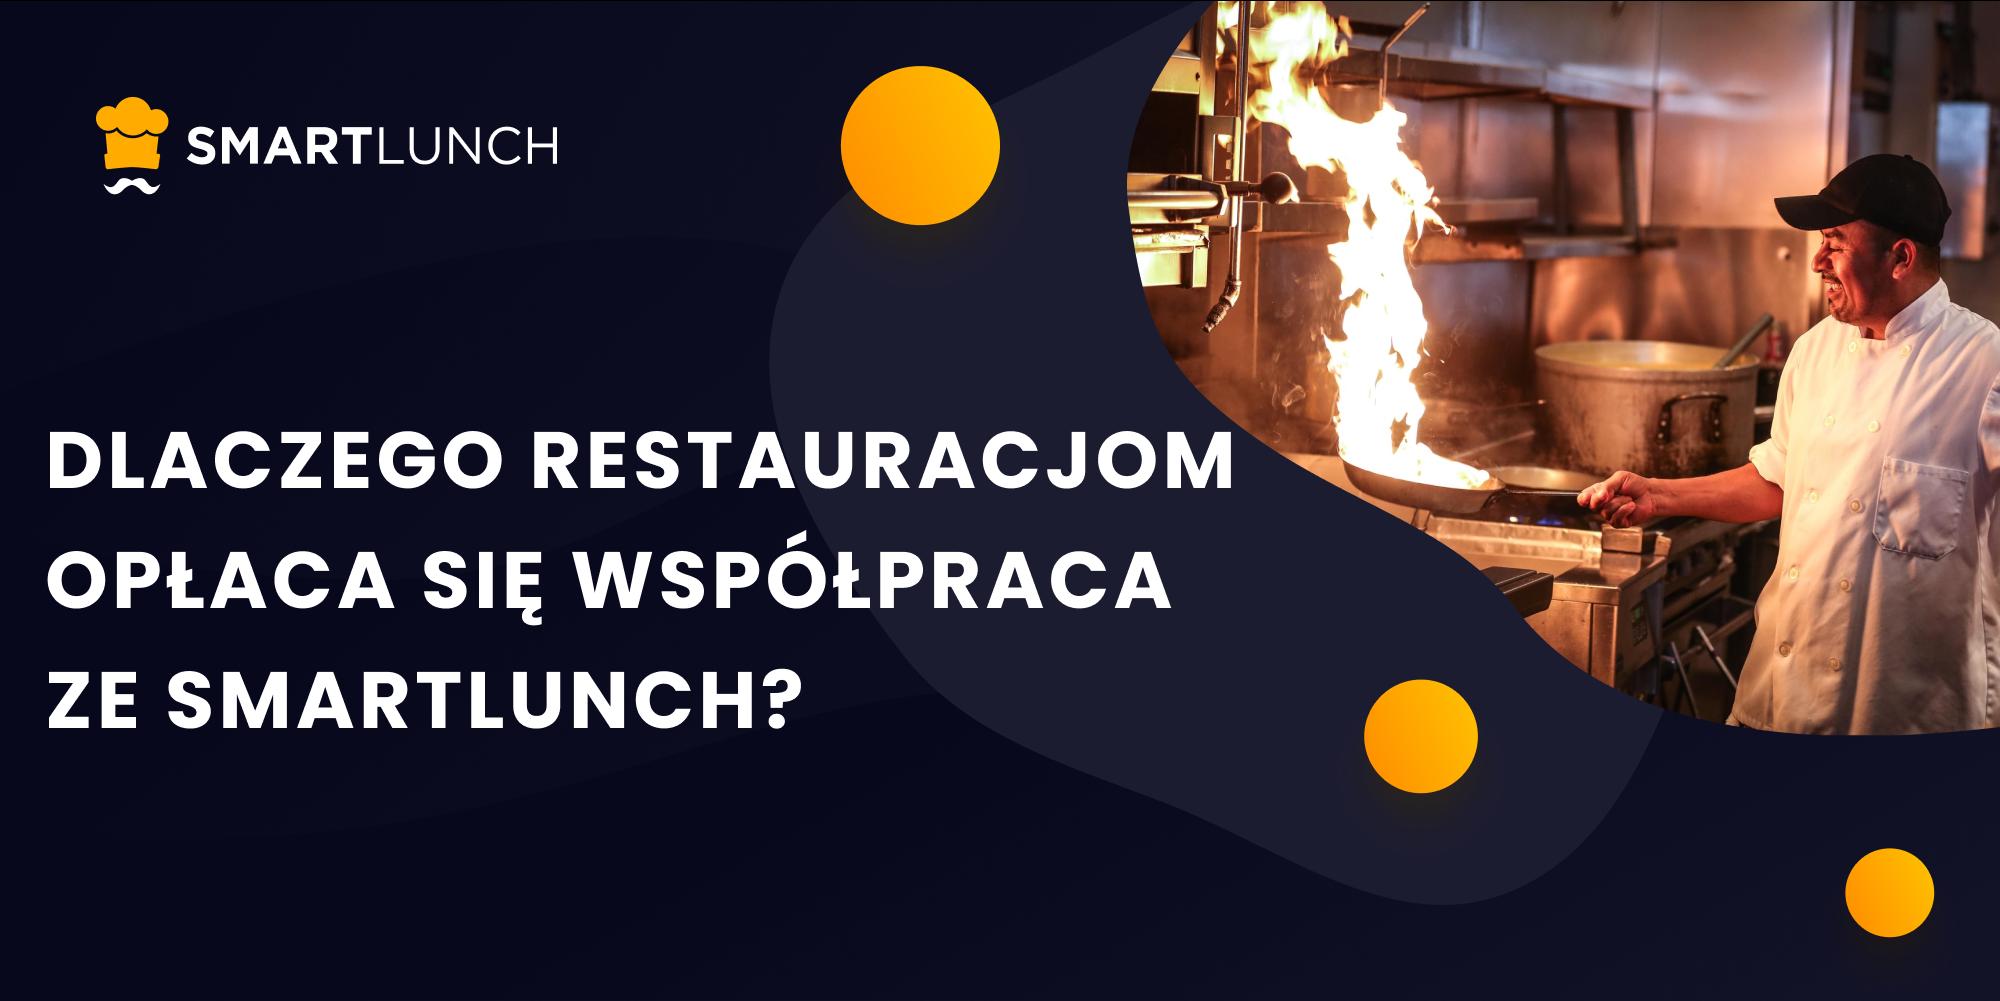 Dlaczego restauracjom opłaca się współpraca ze SmartLunch?